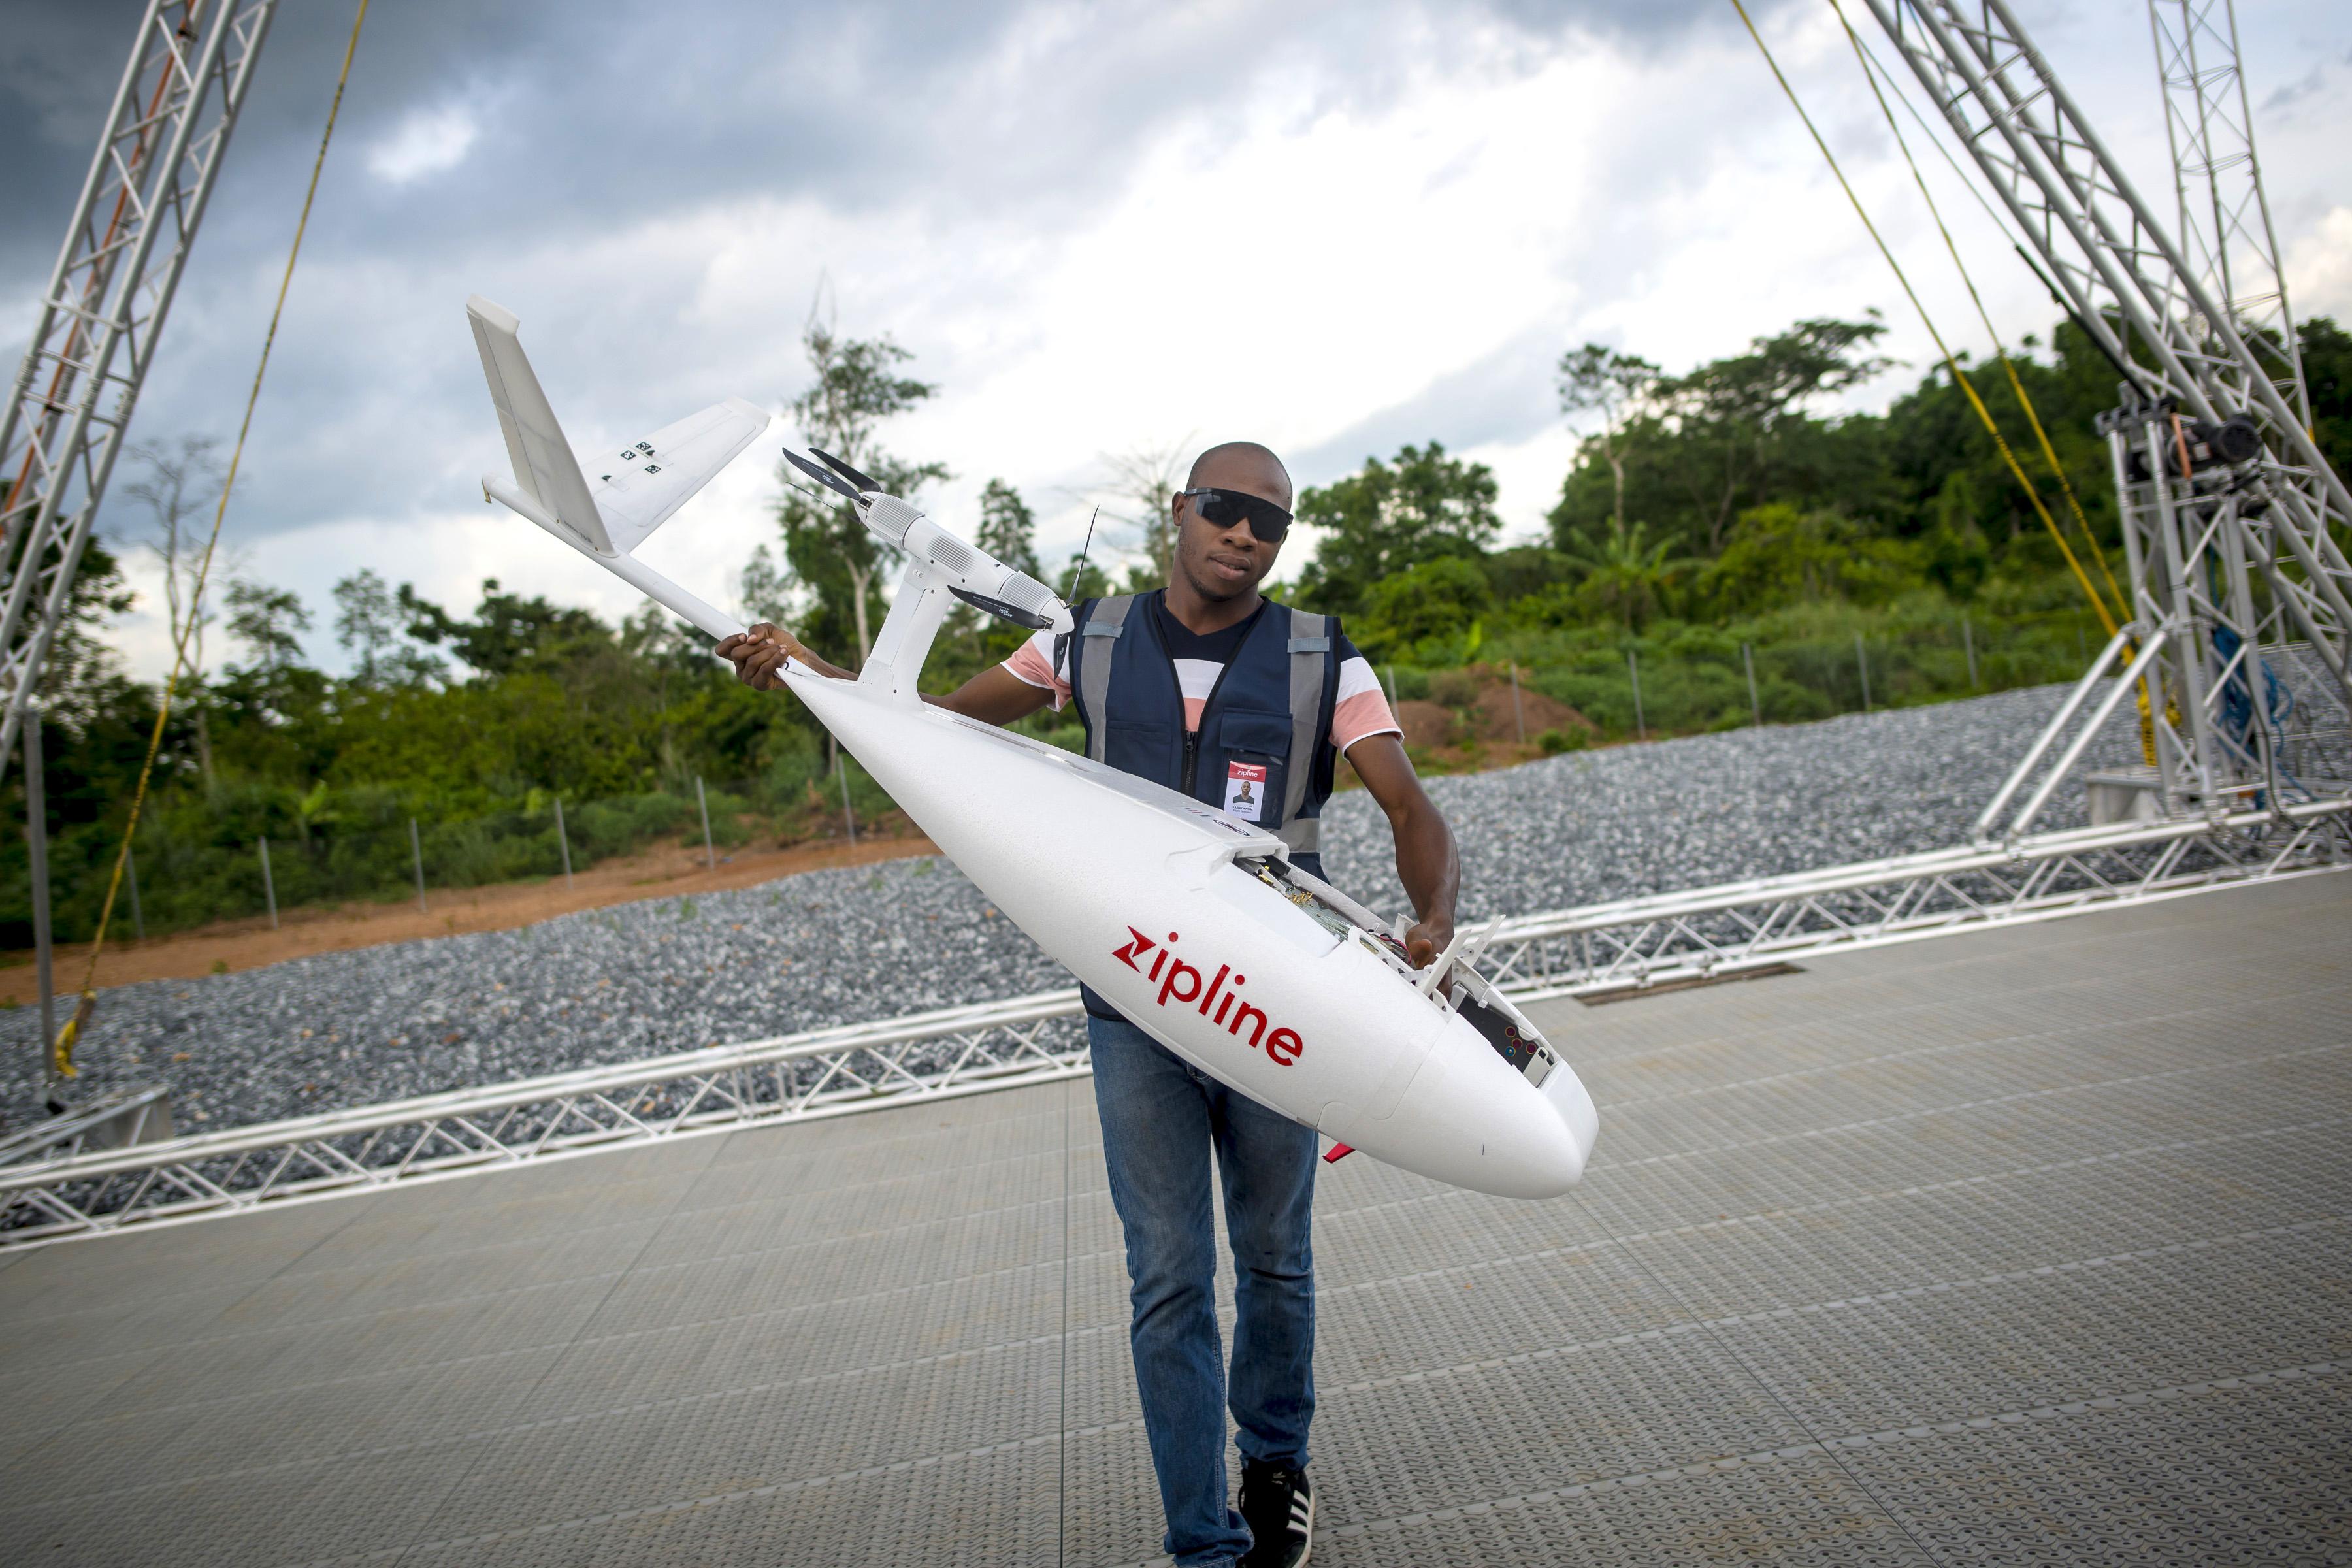 Ghana's new lifesaving drones: like Uber, but for blood